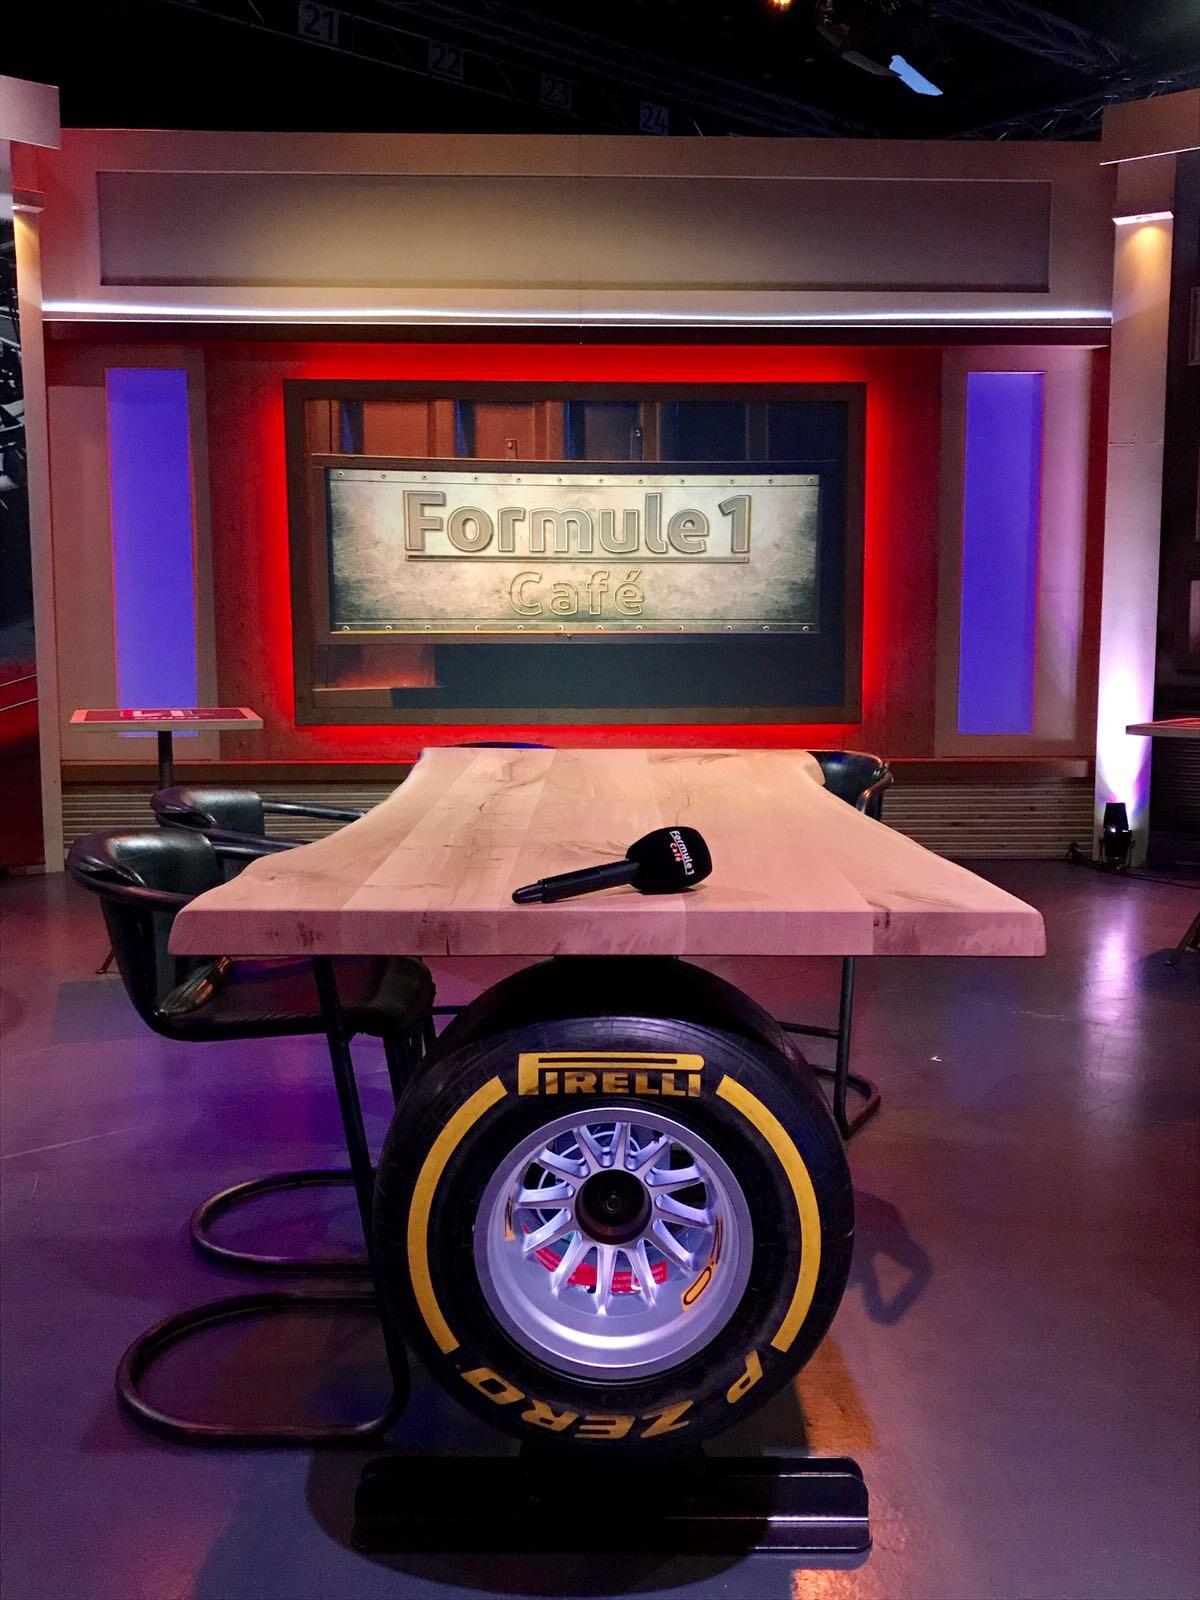 Tafel Formule 1 Cafe